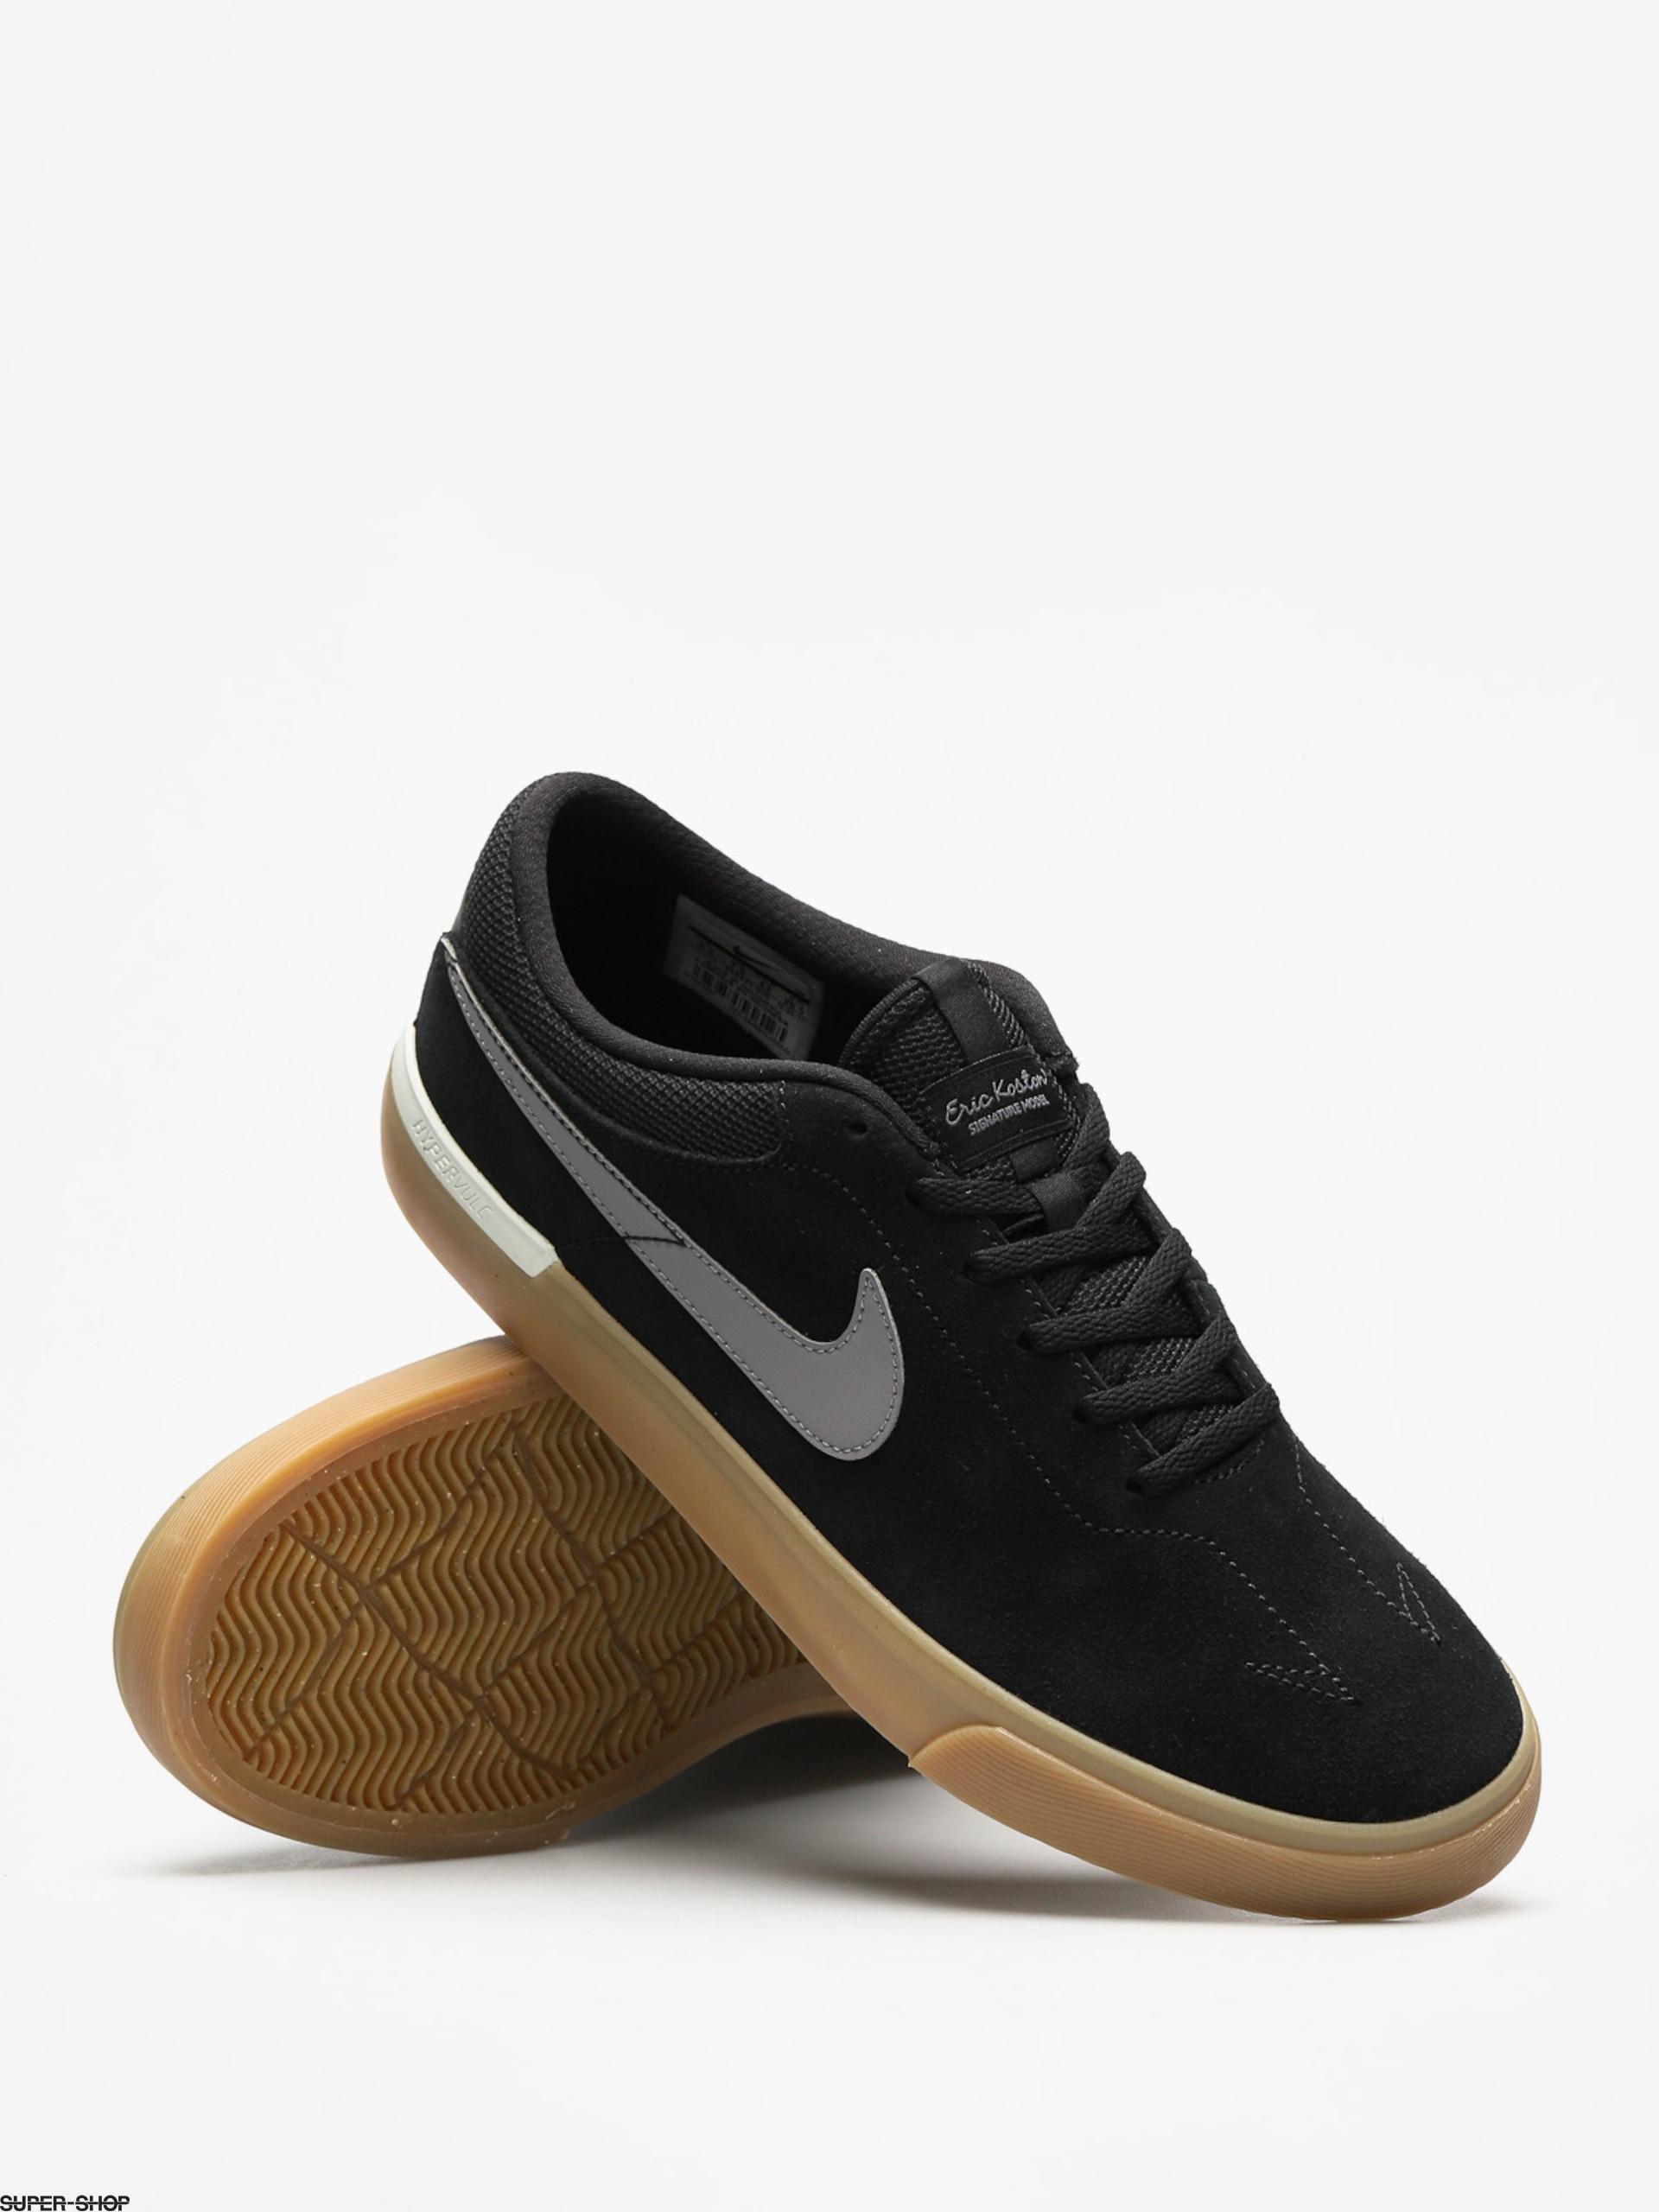 cb8386ea8767 Nike SB Shoes Sb Koston Hypervulc (black gunsmoke vast grey white)